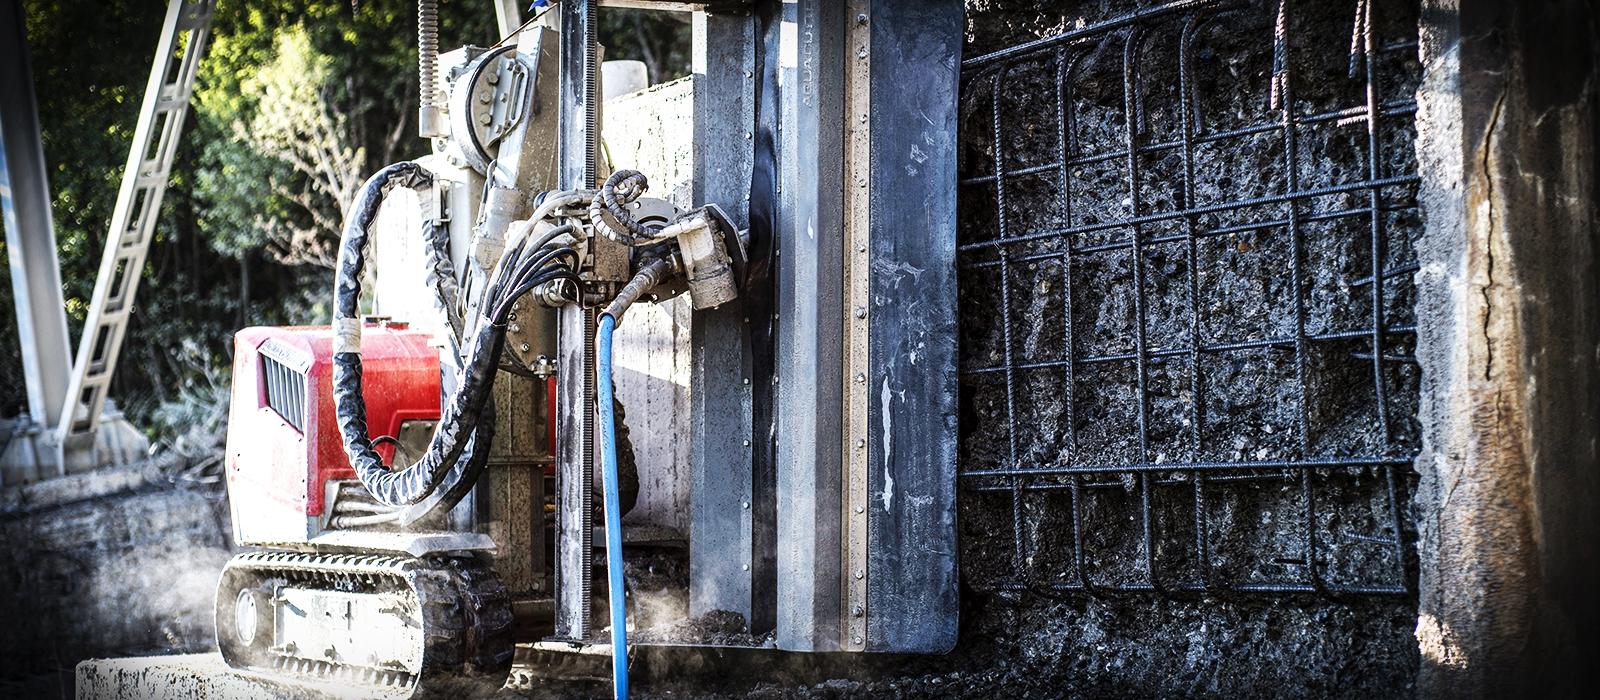 aquajet systems aqua cutter ergo concrete hydrodemolition